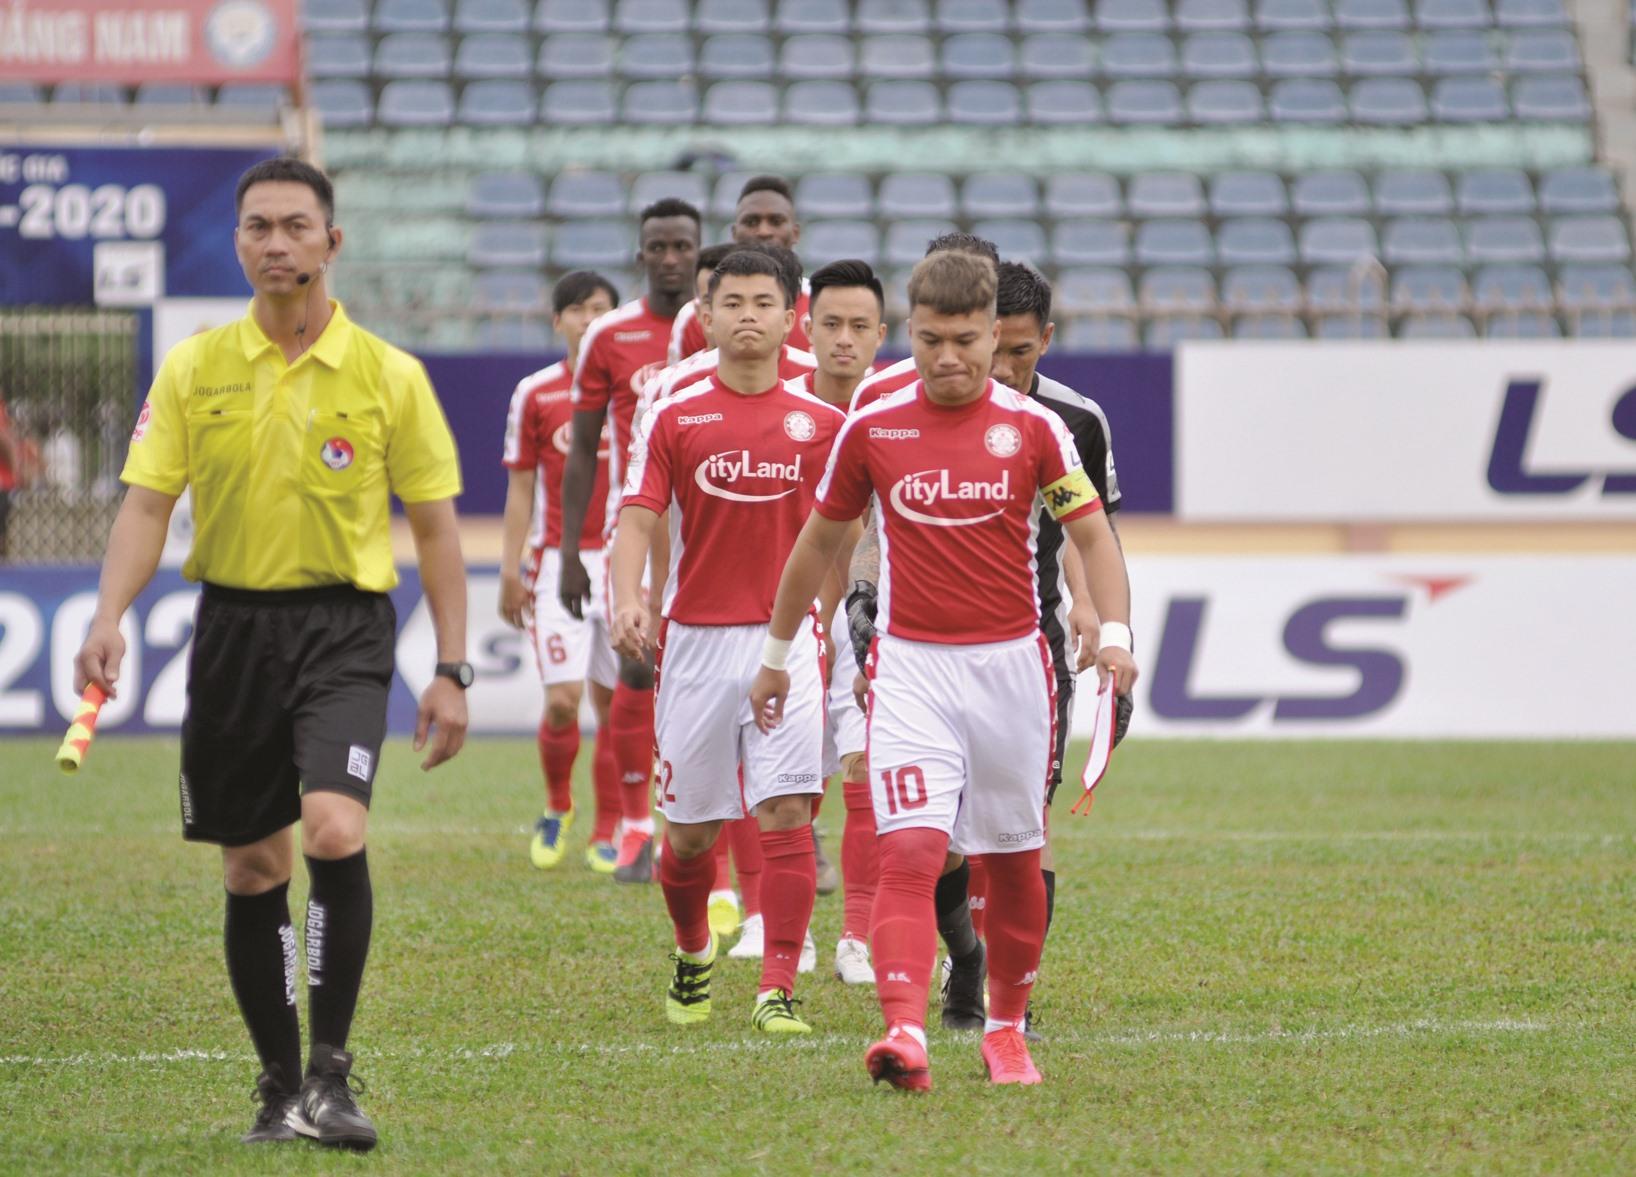 TP.Hồ Chí Minh có nhiều cơ hội lọt vào nhóm 8 đội đầu bảng để tranh chức vô địch theo thể thức thi đấu mới. Ảnh:T.VY